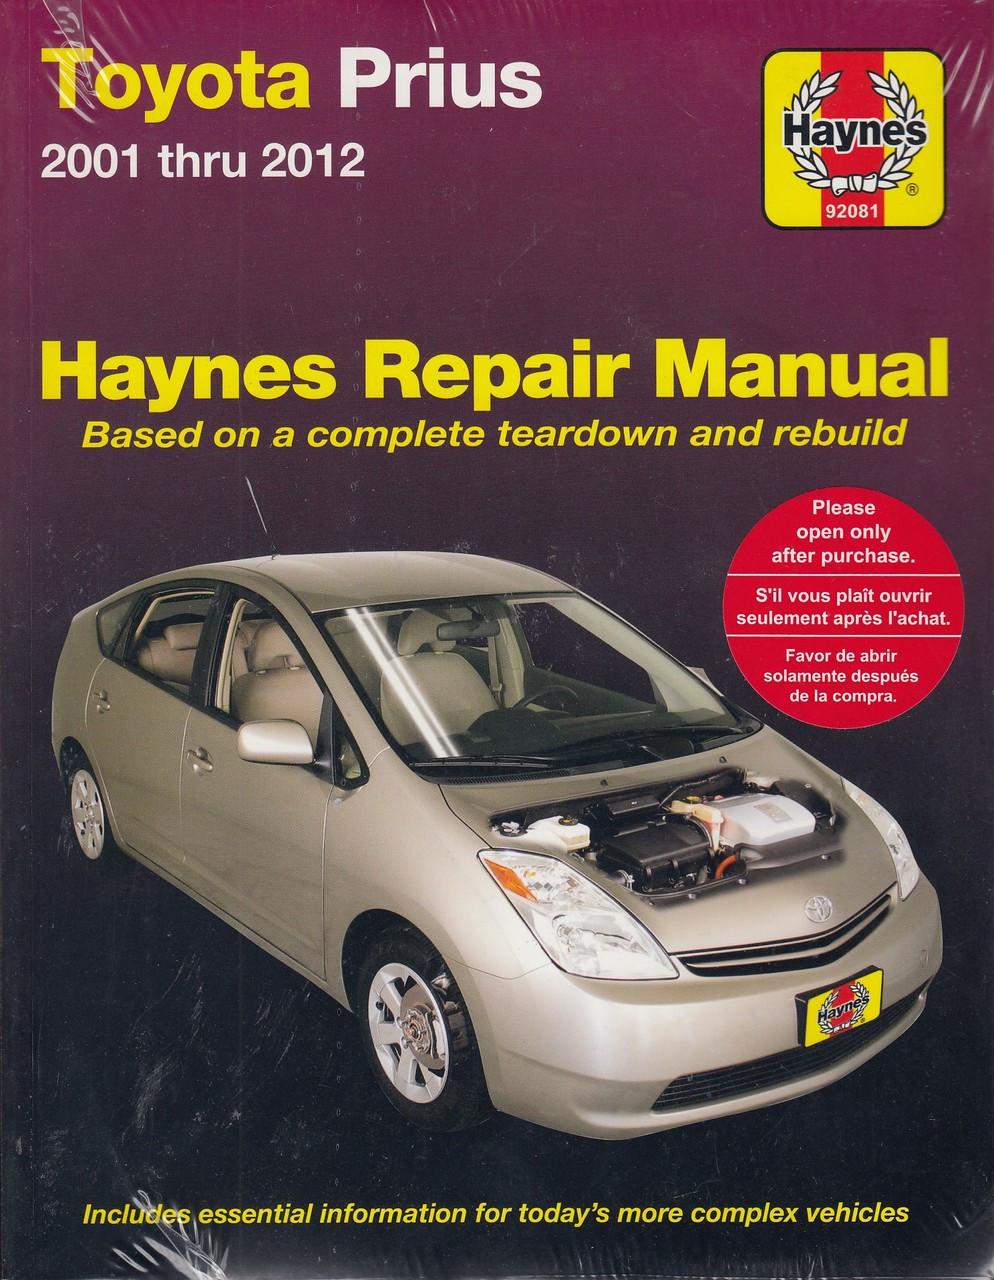 Hyundai Santa Fe Repair Manual 2001-2012